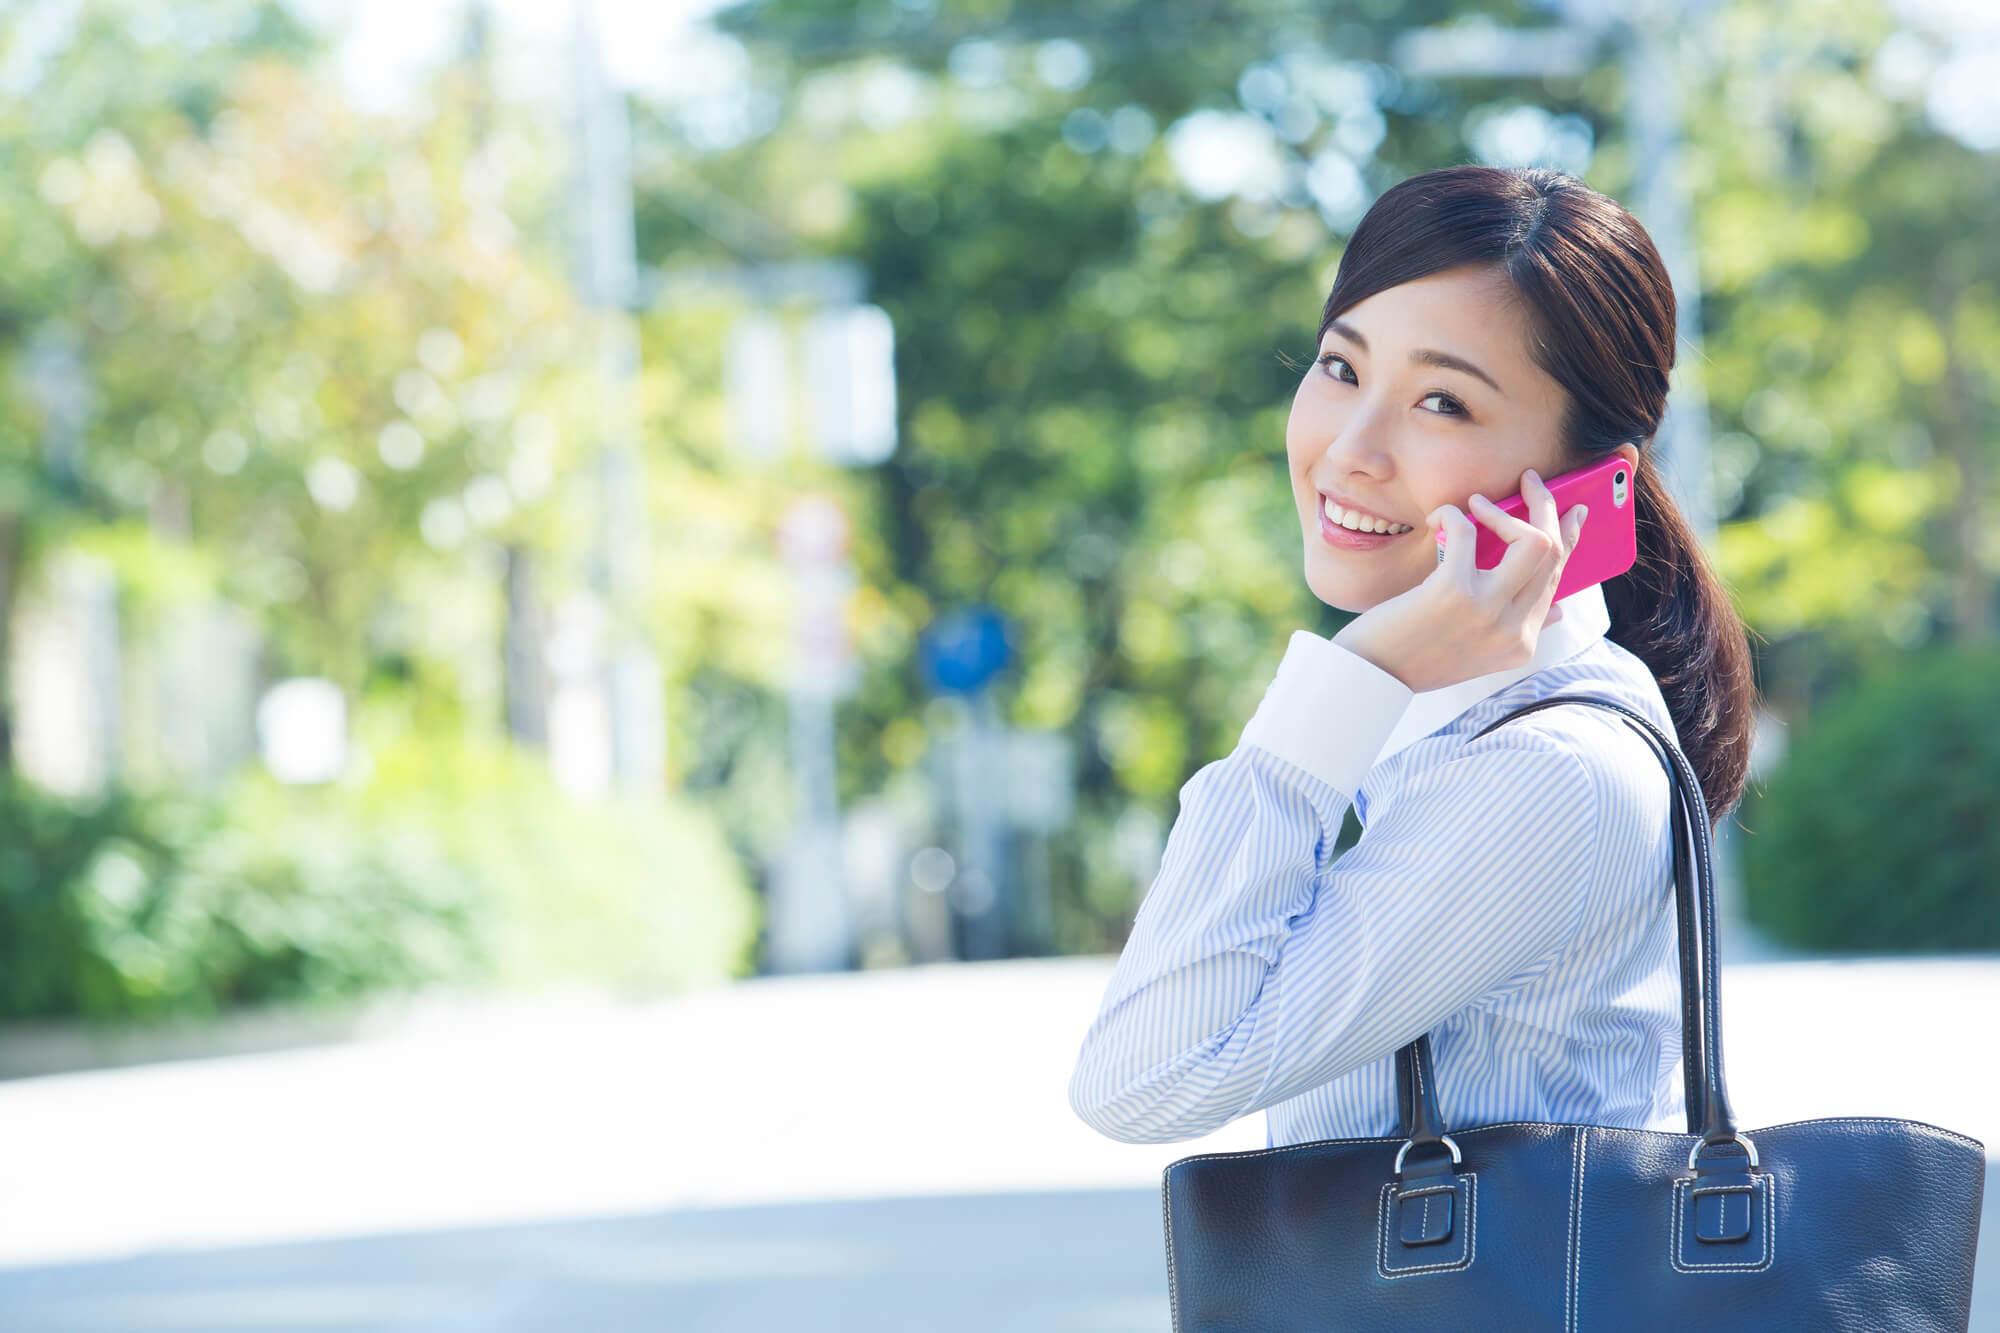 サービスの料金や相場を確認しているスーツの女性